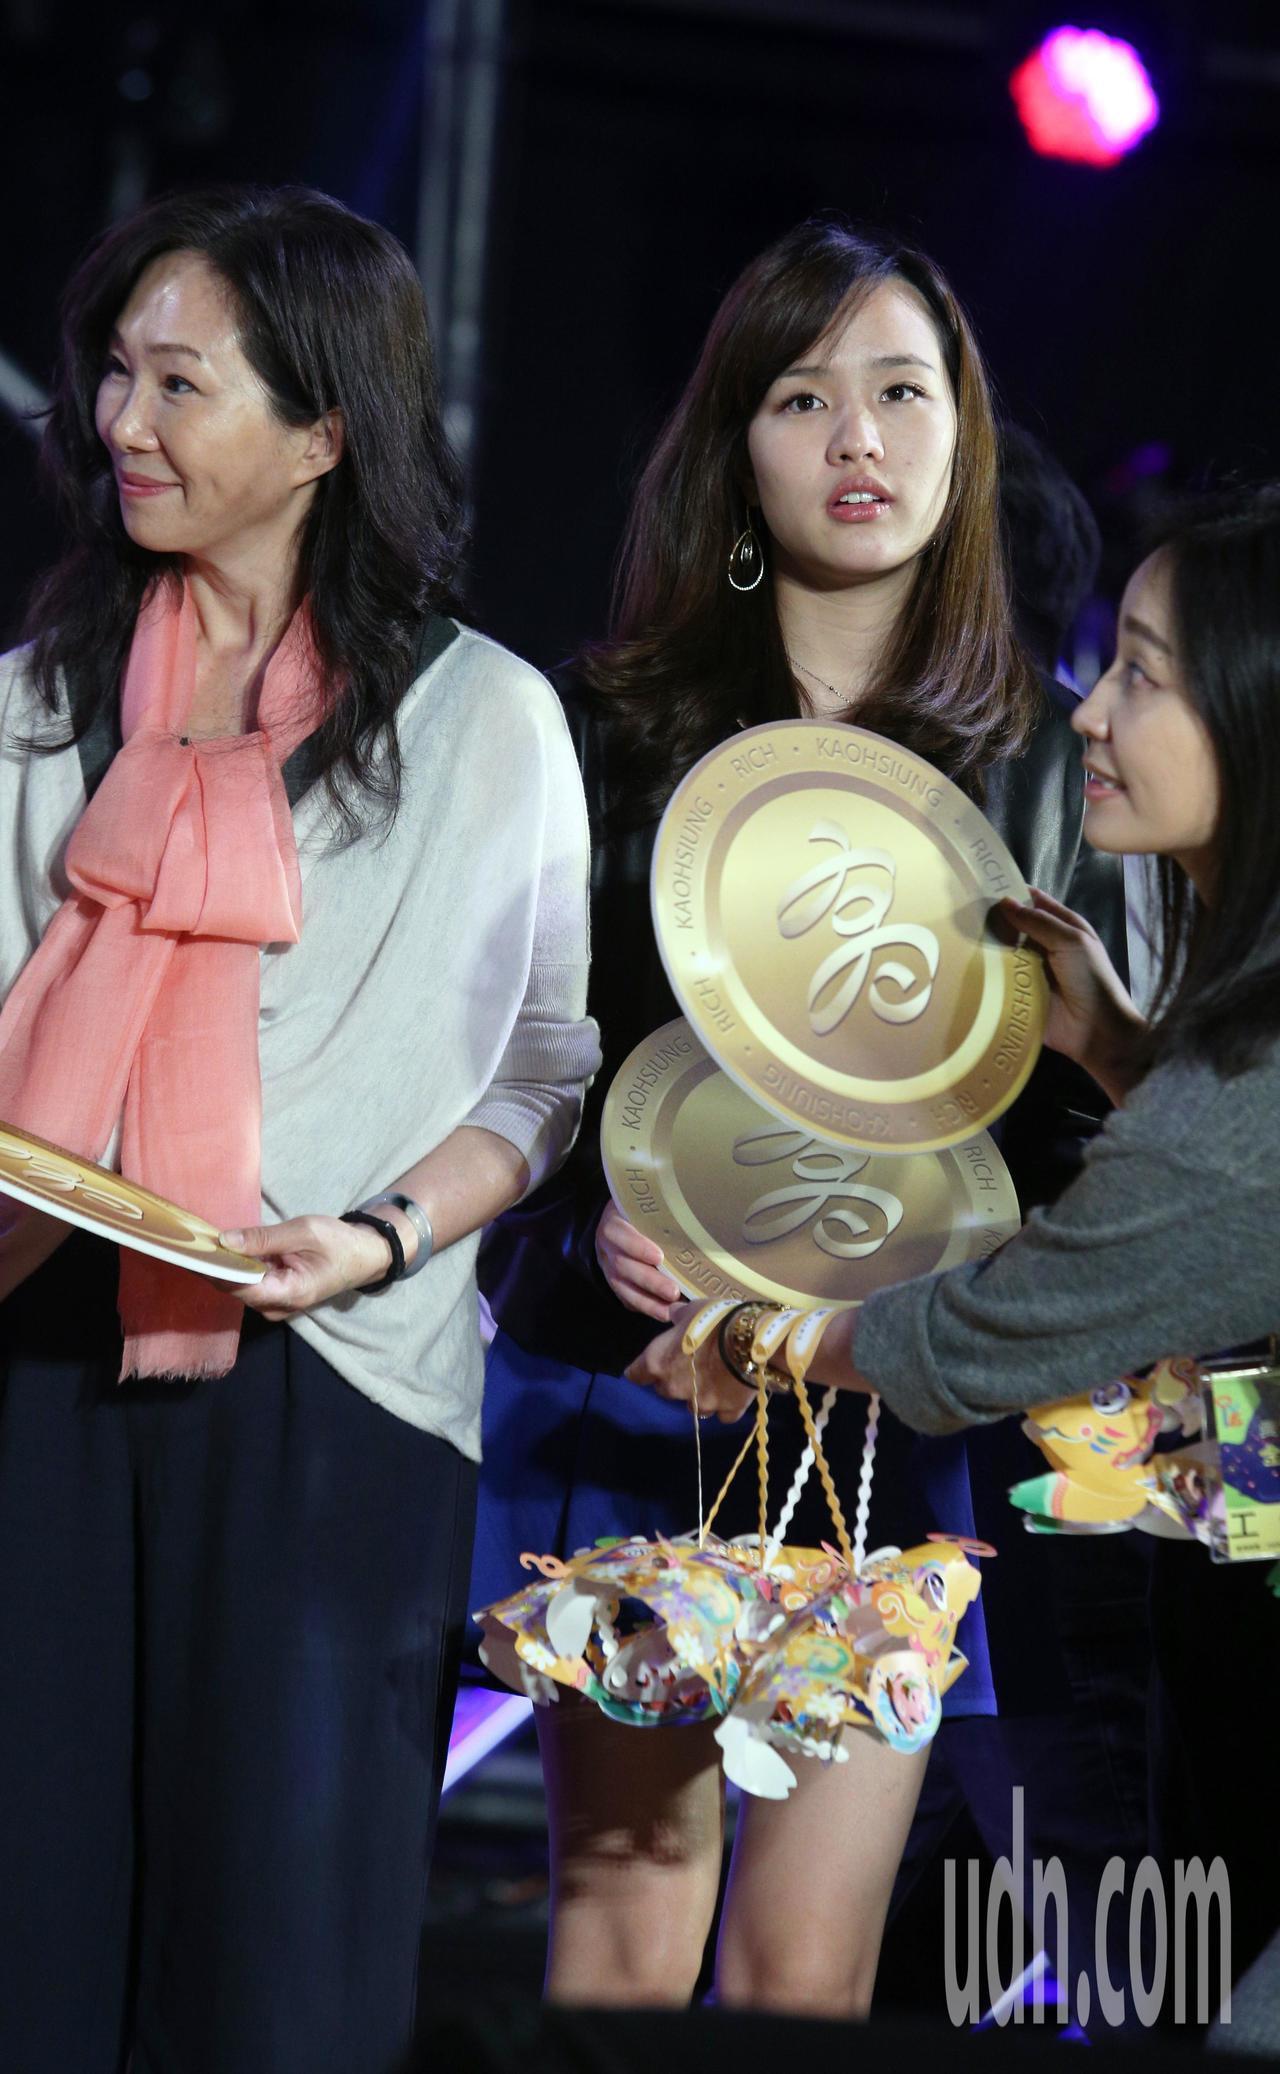 高雄市長韓國瑜夫人李佳芬(左)與韓冰(右)今晚參加高雄燈會金銀河開幕活動。記者劉...